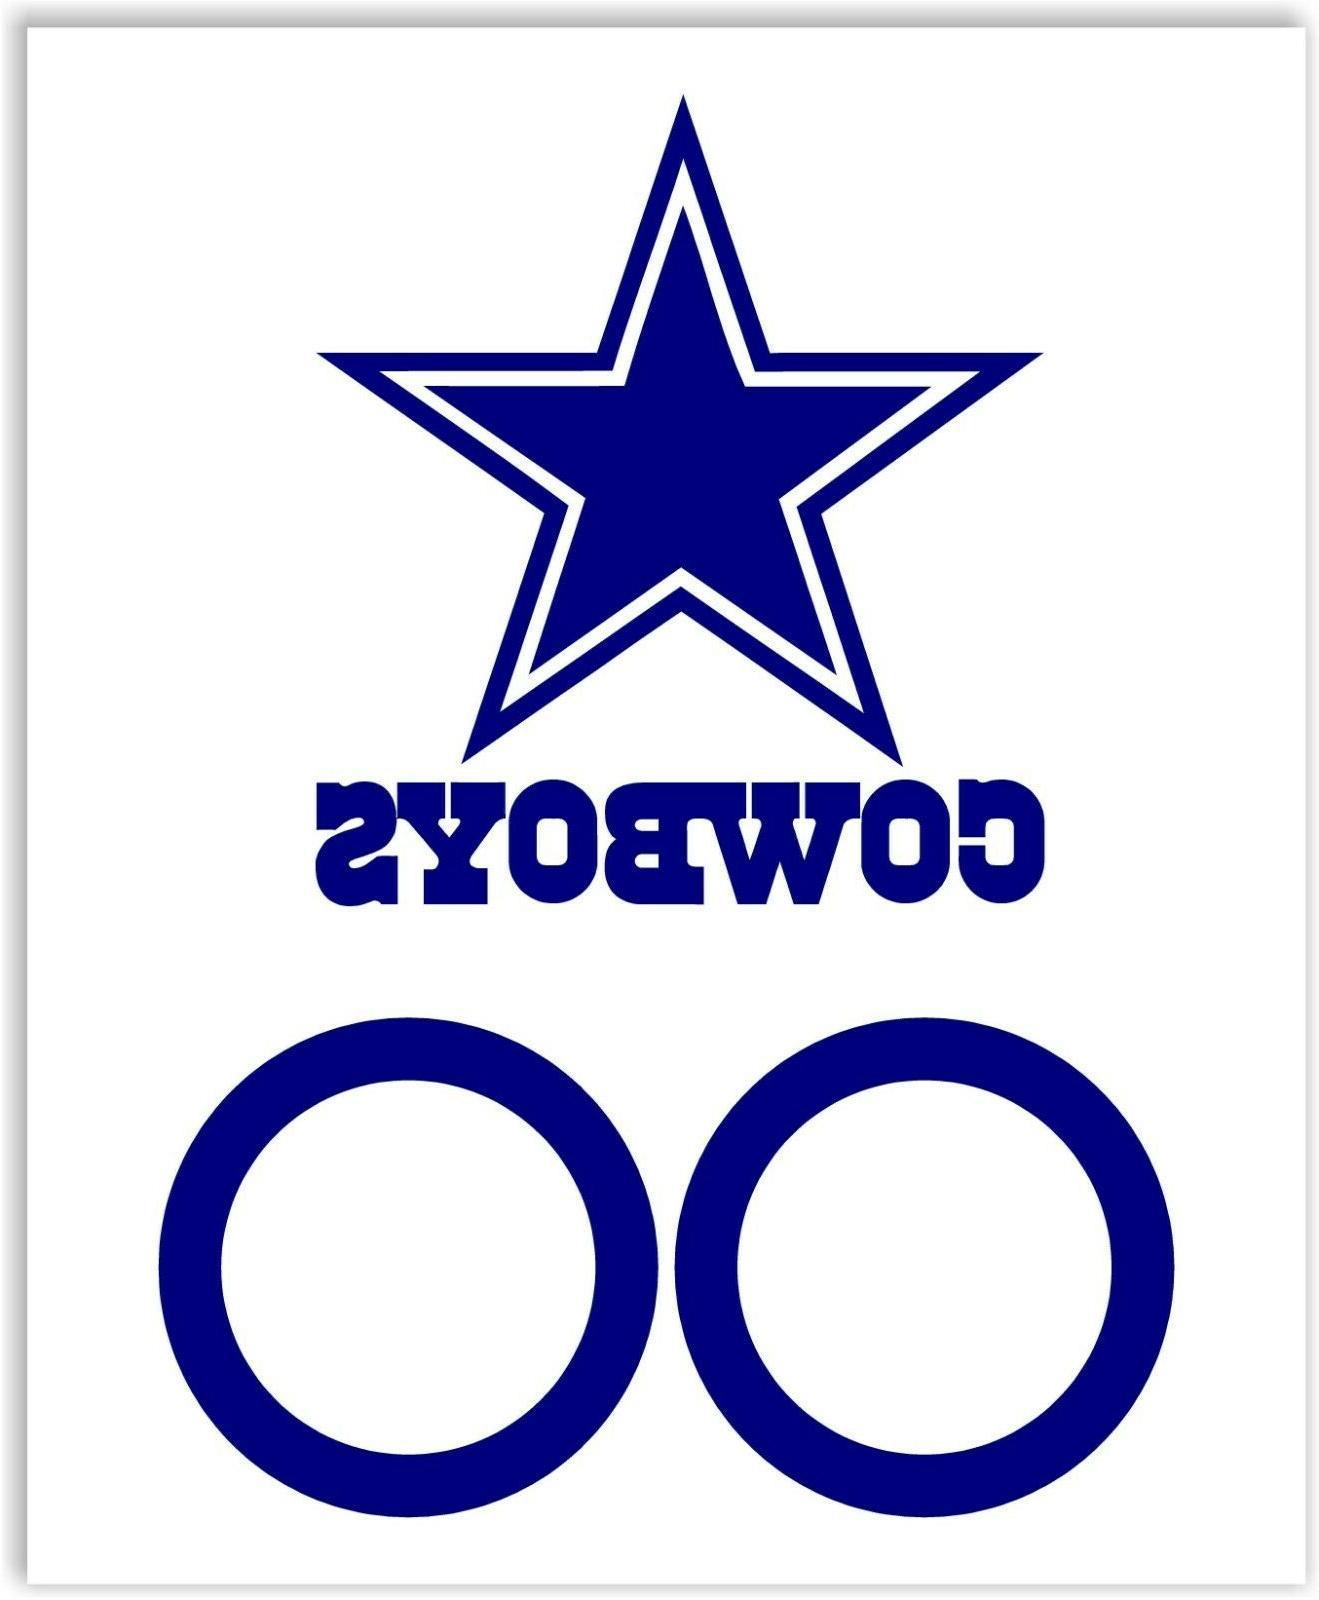 13 2 dallas cowboys cornhole decals